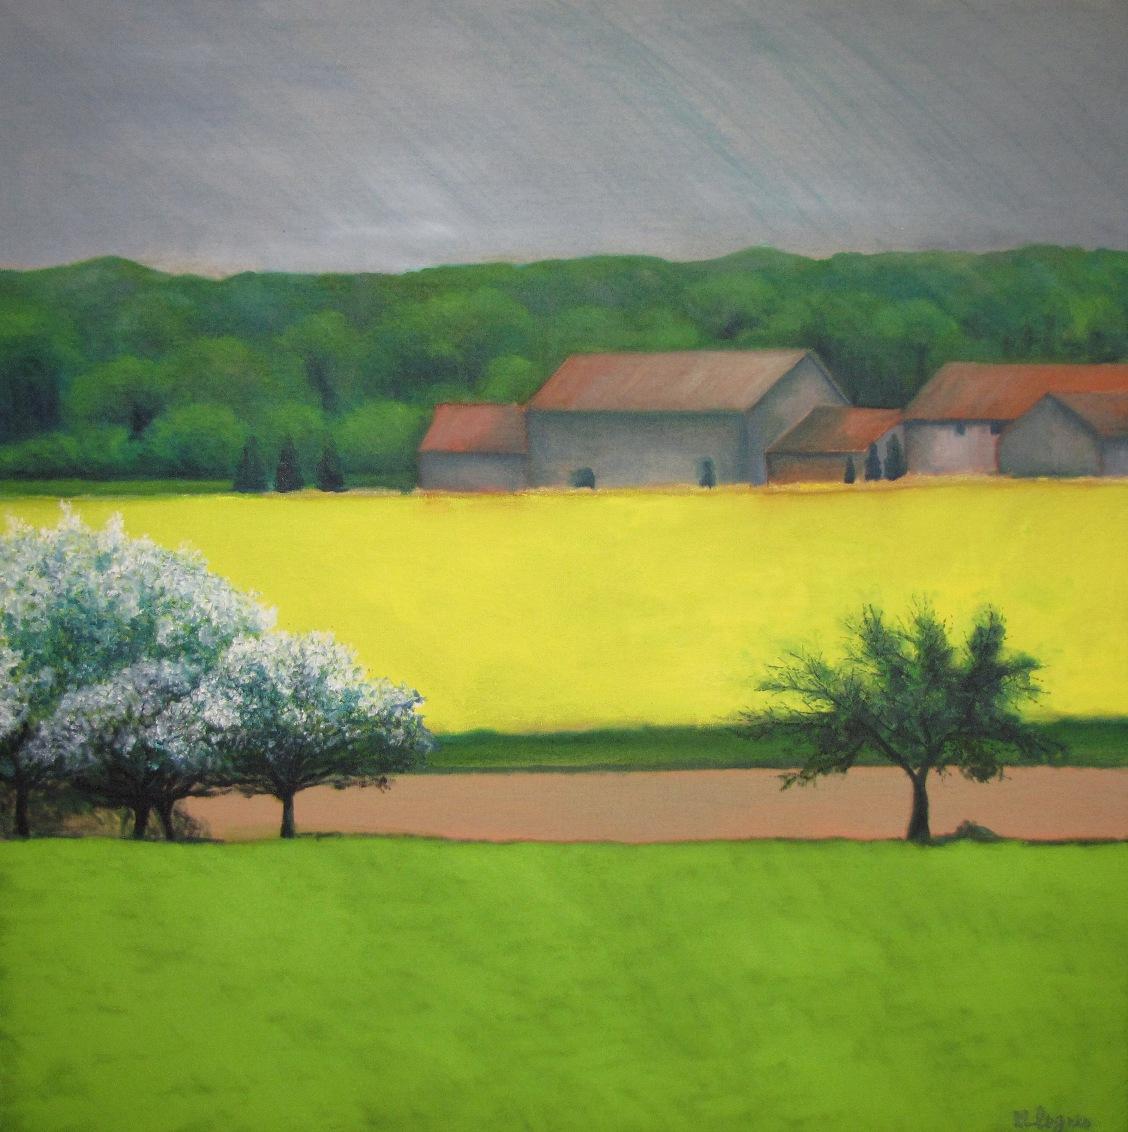 Peinture paysages marc legris campagnes 1 for Paysage peinture